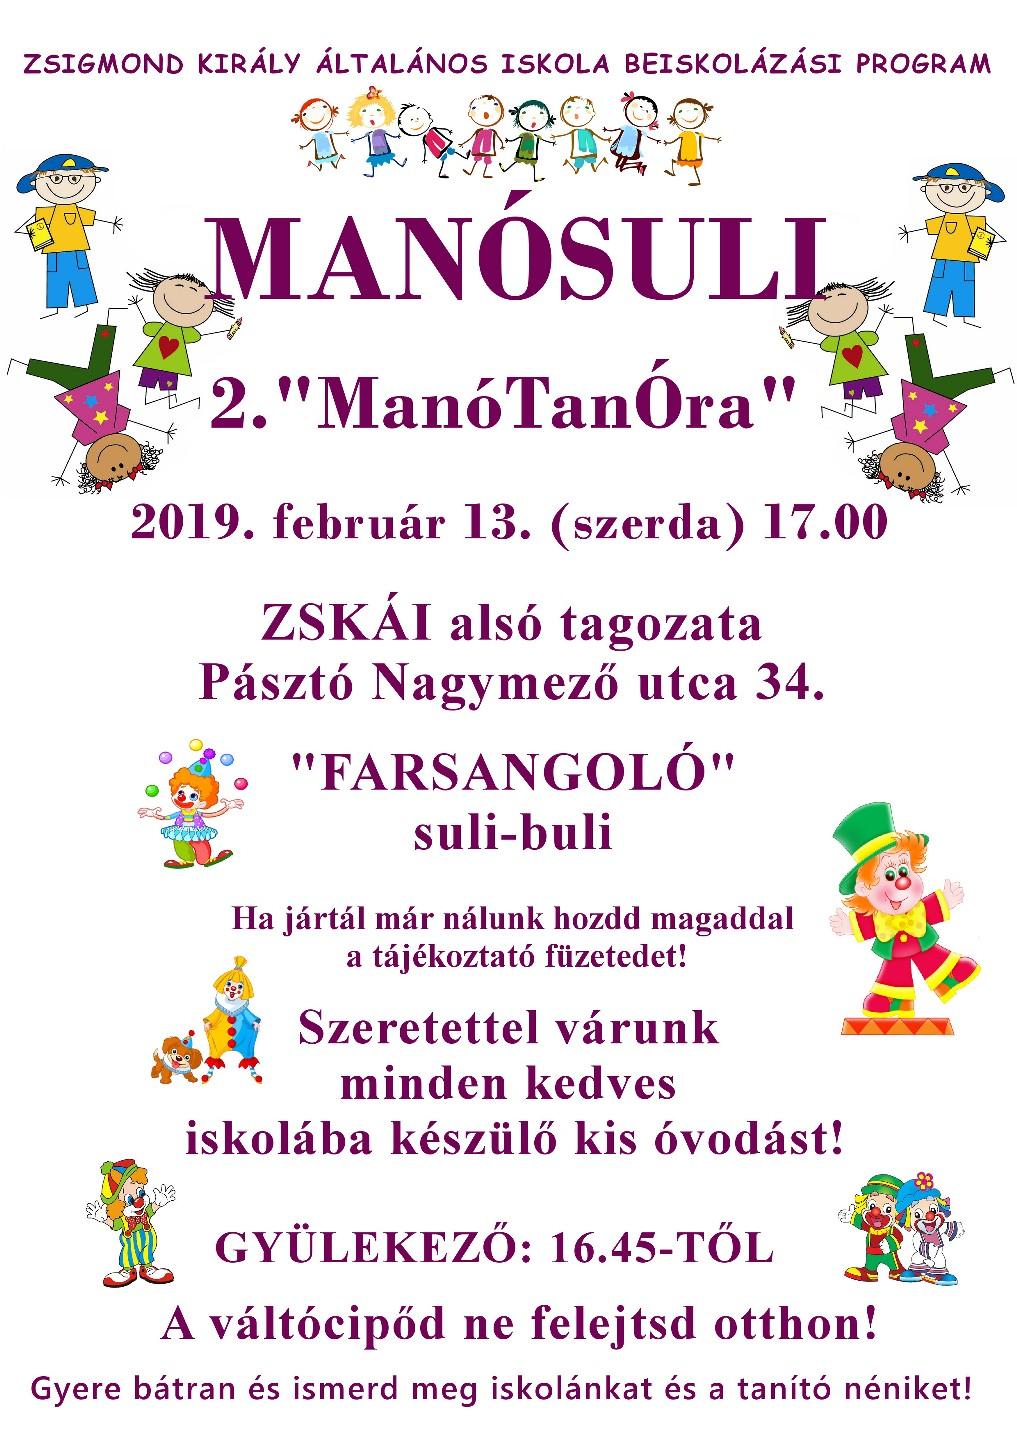 Manósuli